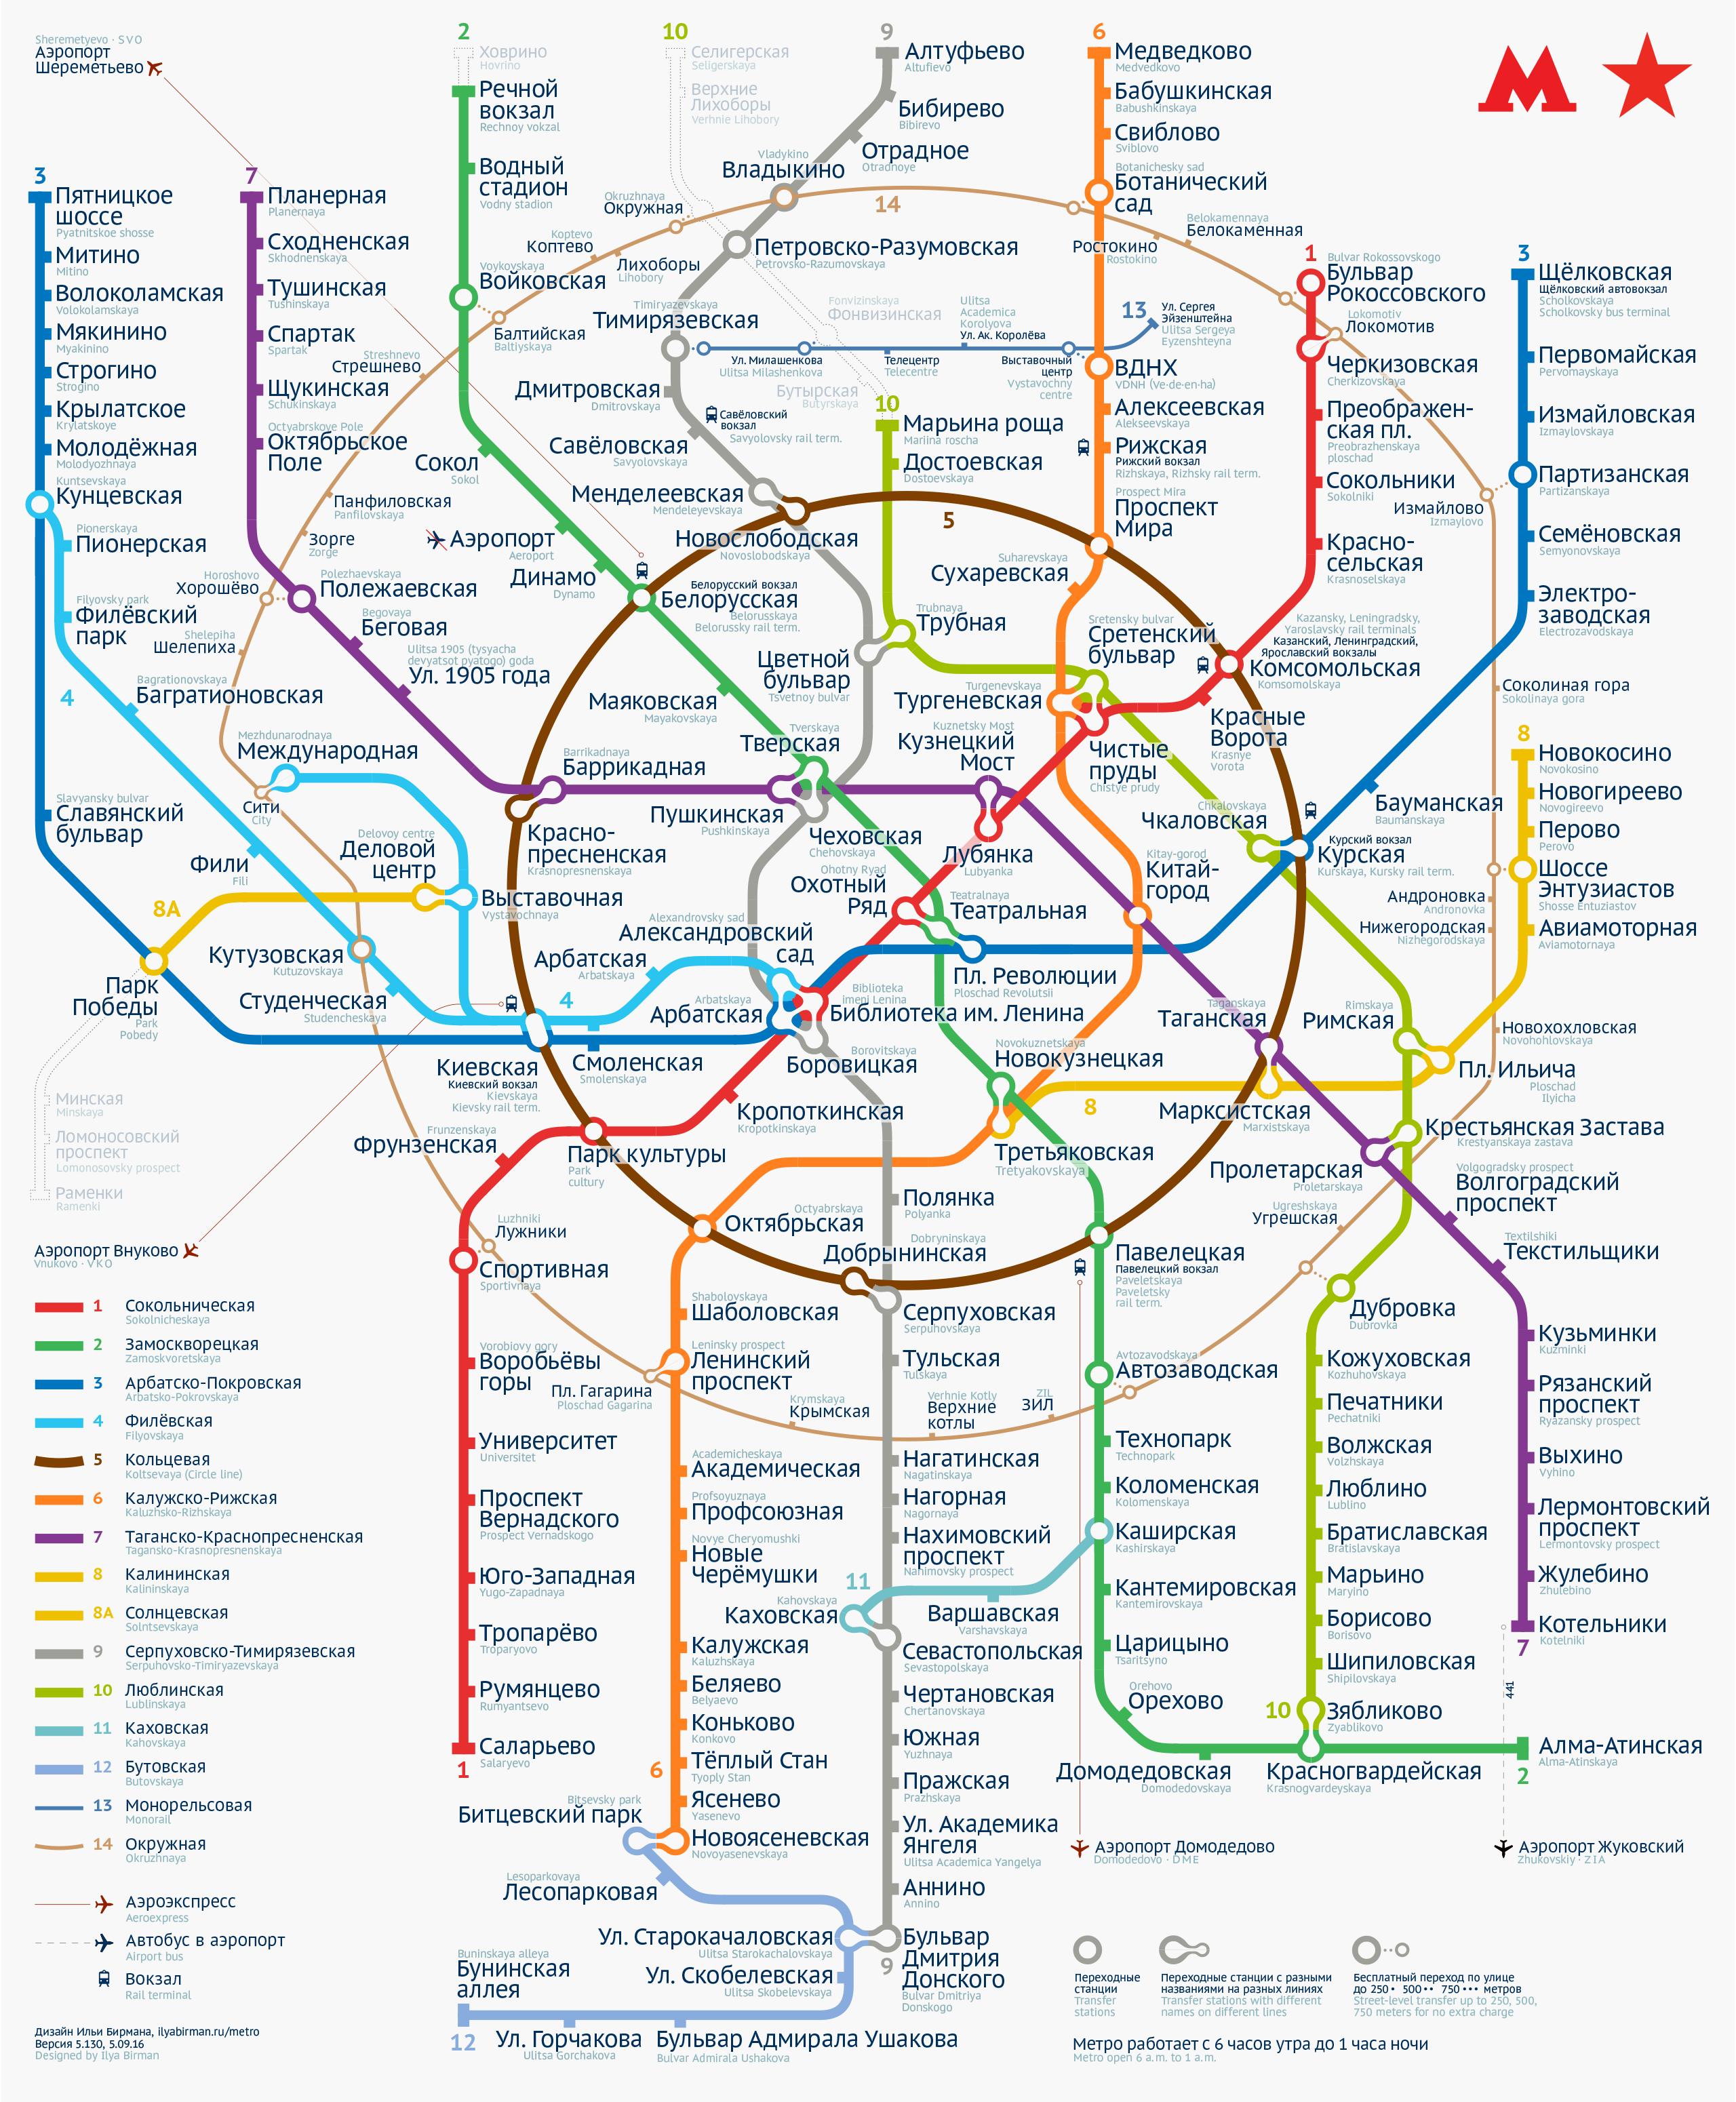 Пятая версия схемы московского метро